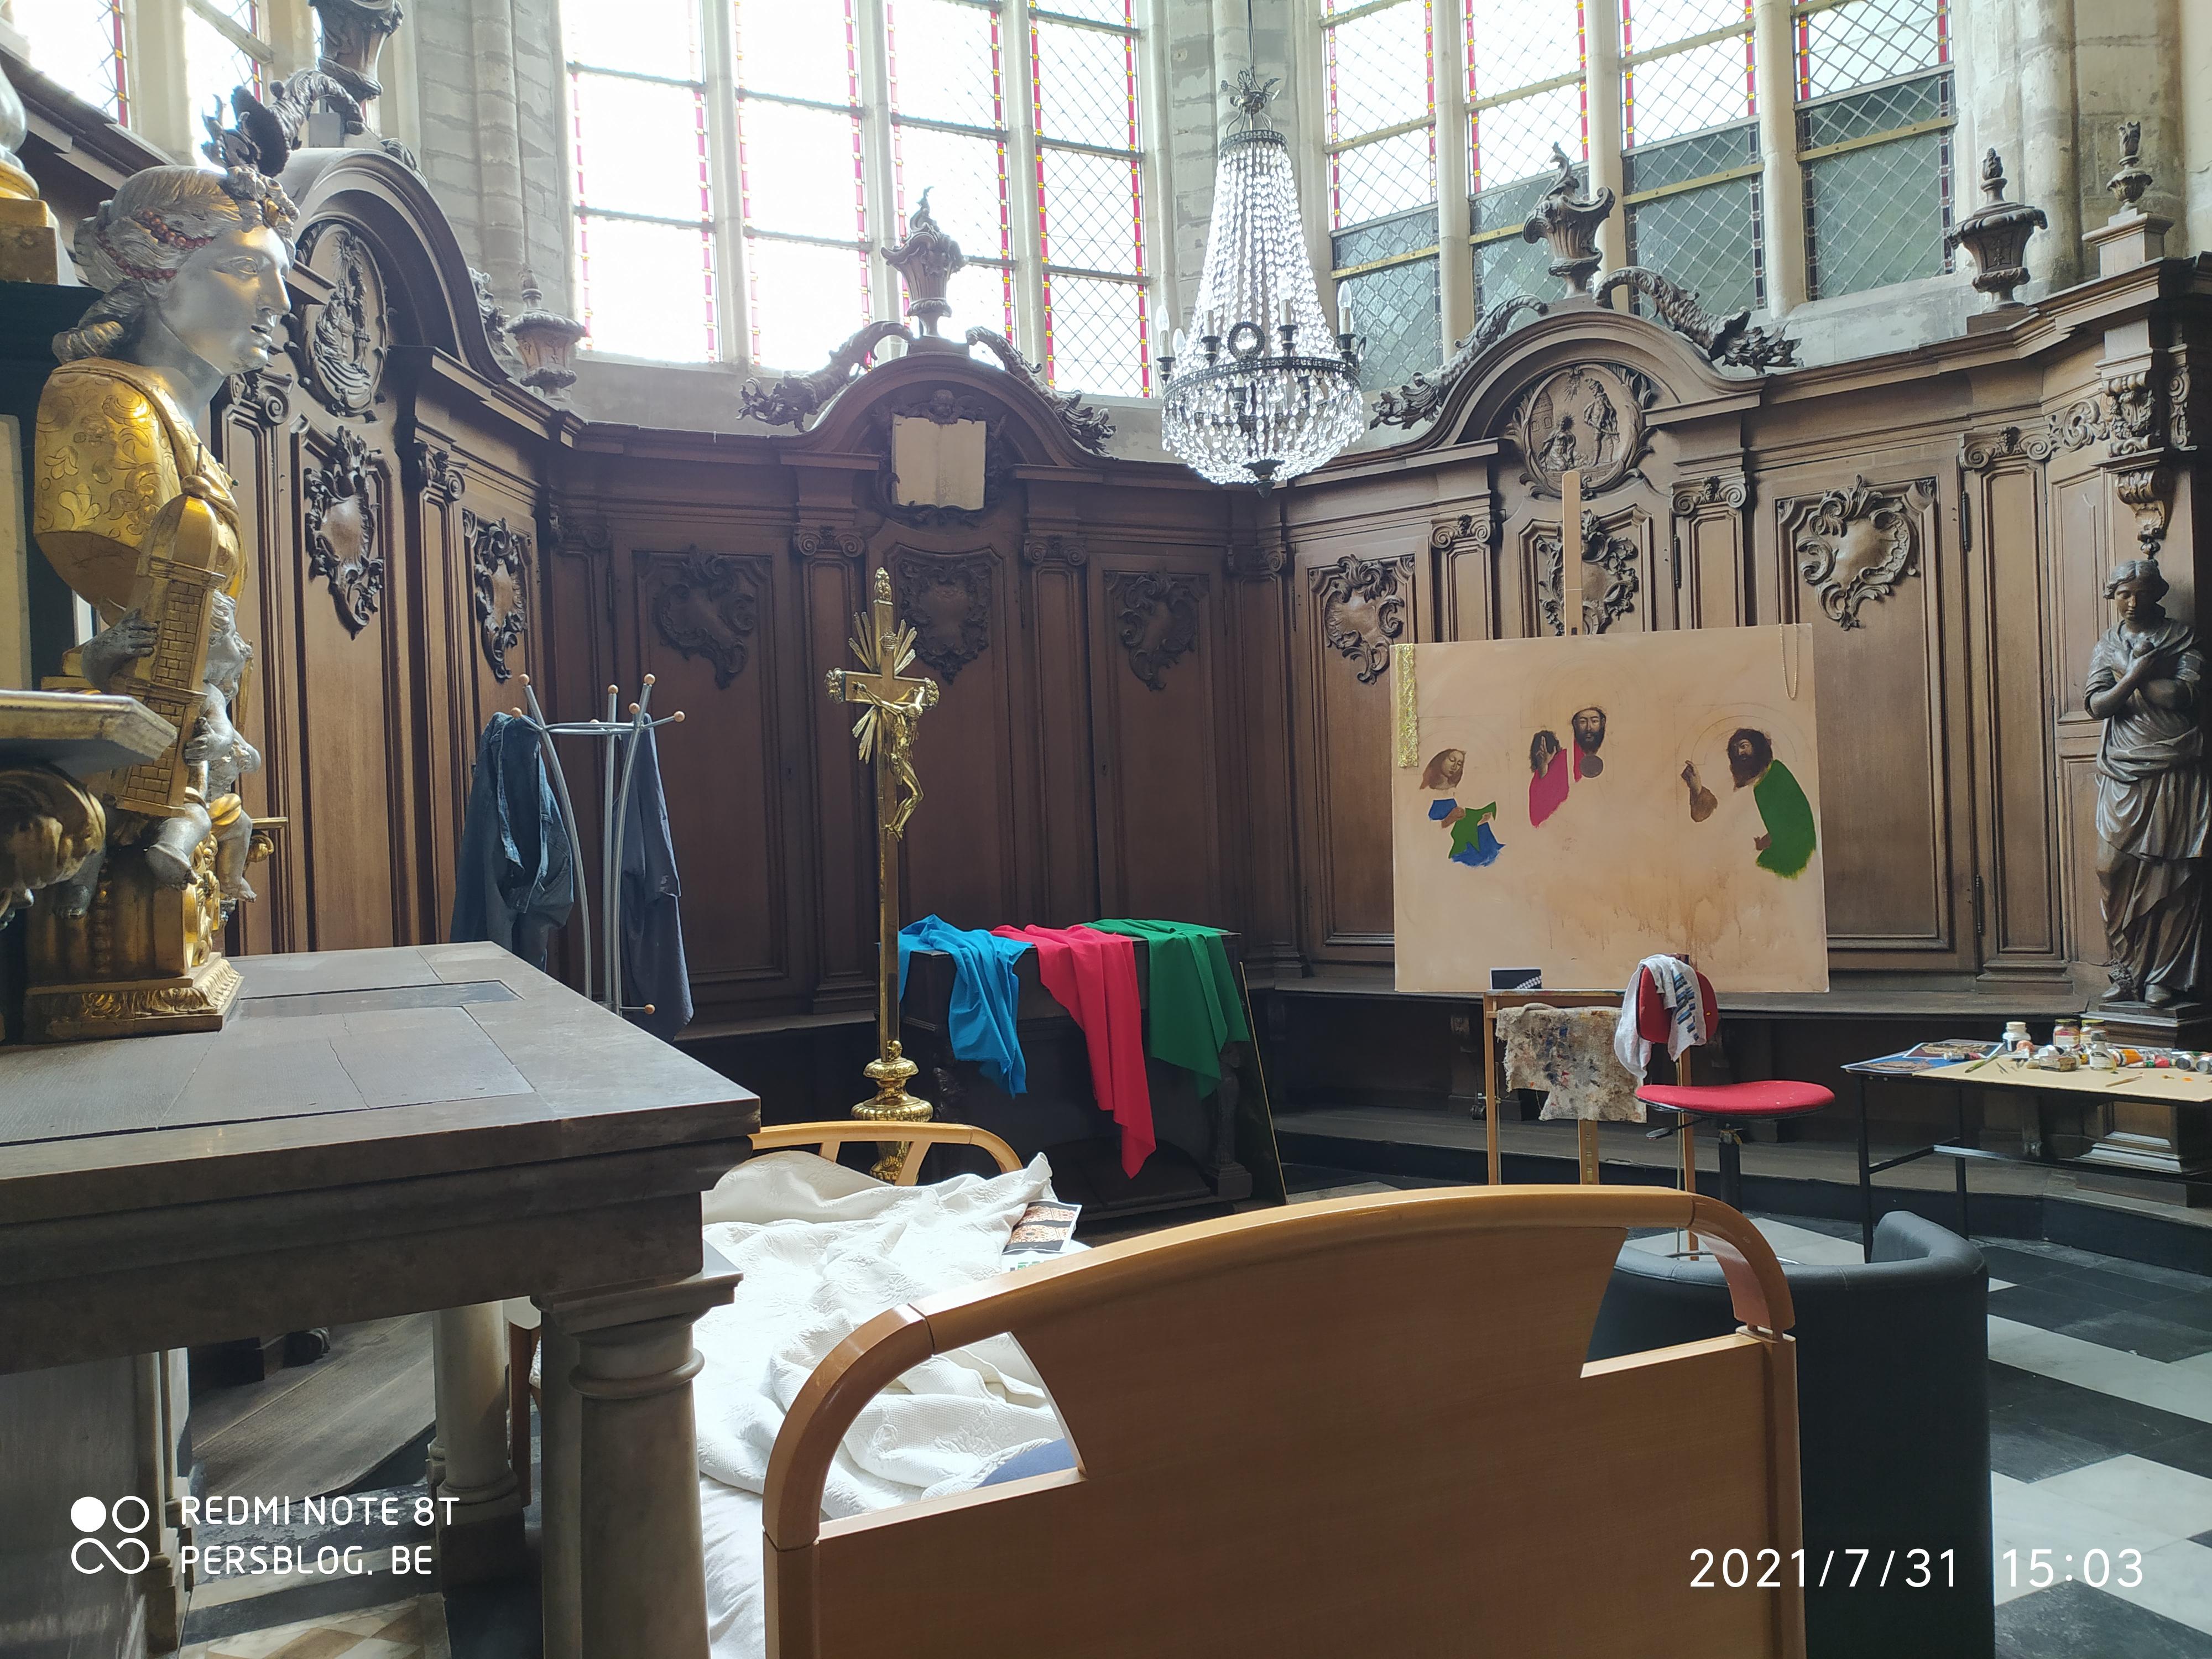 3 Bij Sint-Jacobs - Sint-Jacobskerk - kunstexpositie (4)